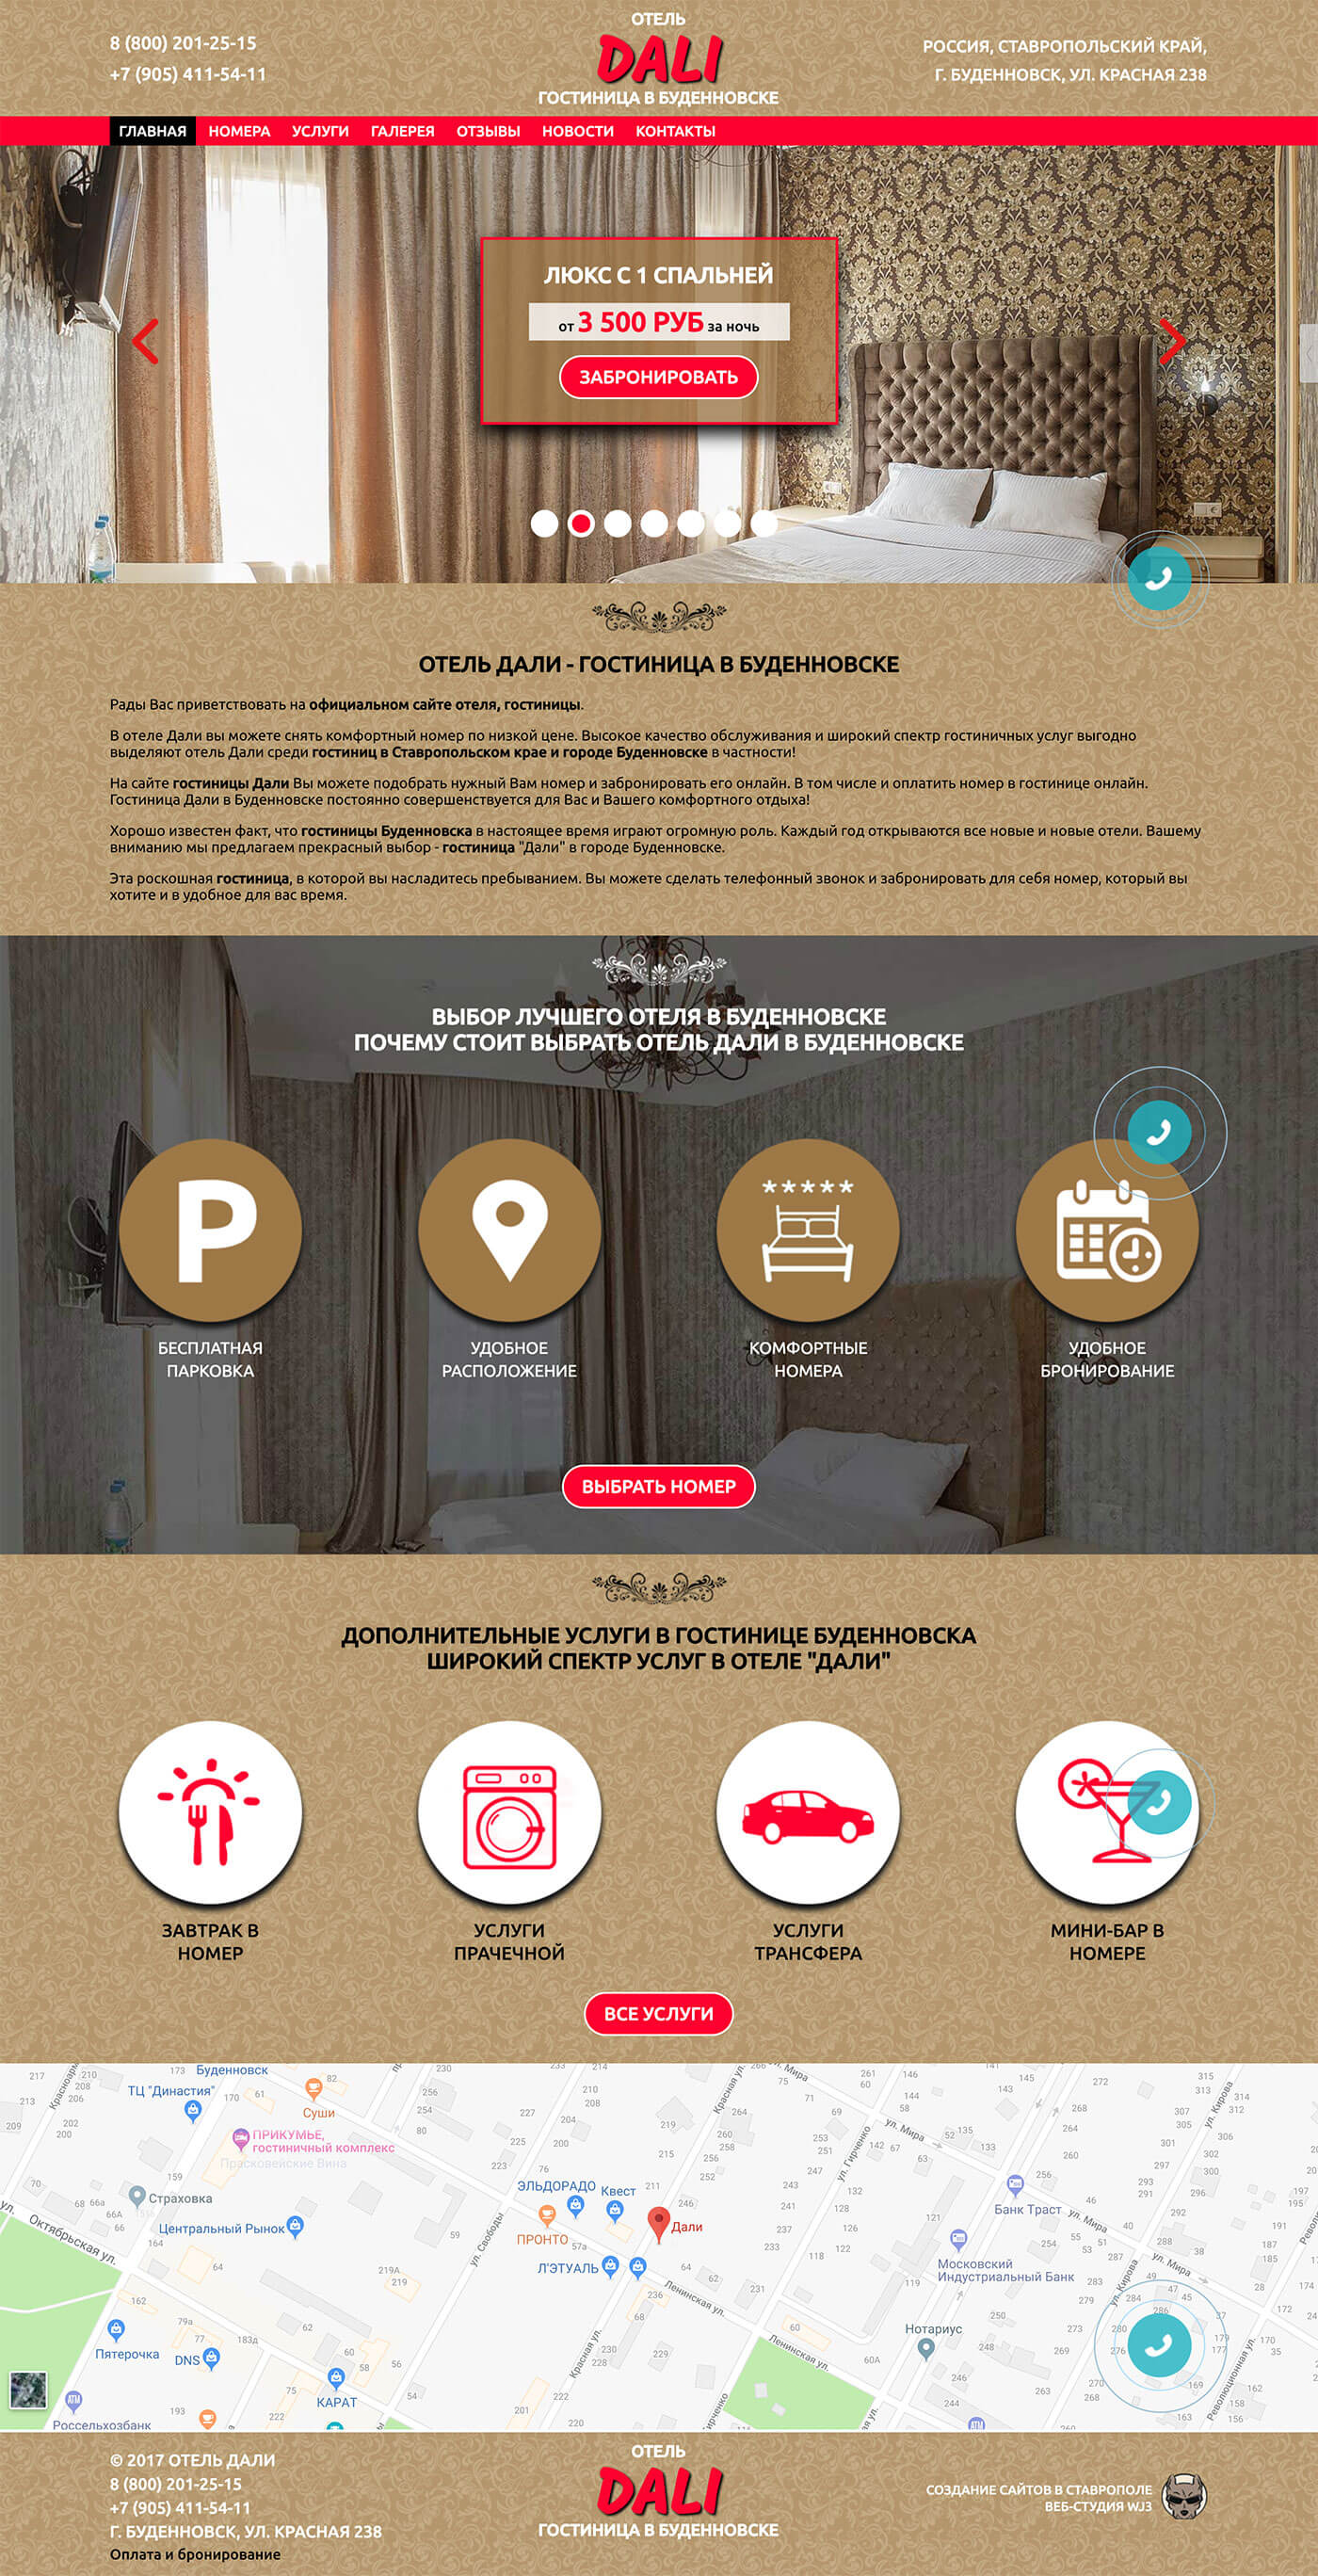 Сайт отеля Дали в Буденновске